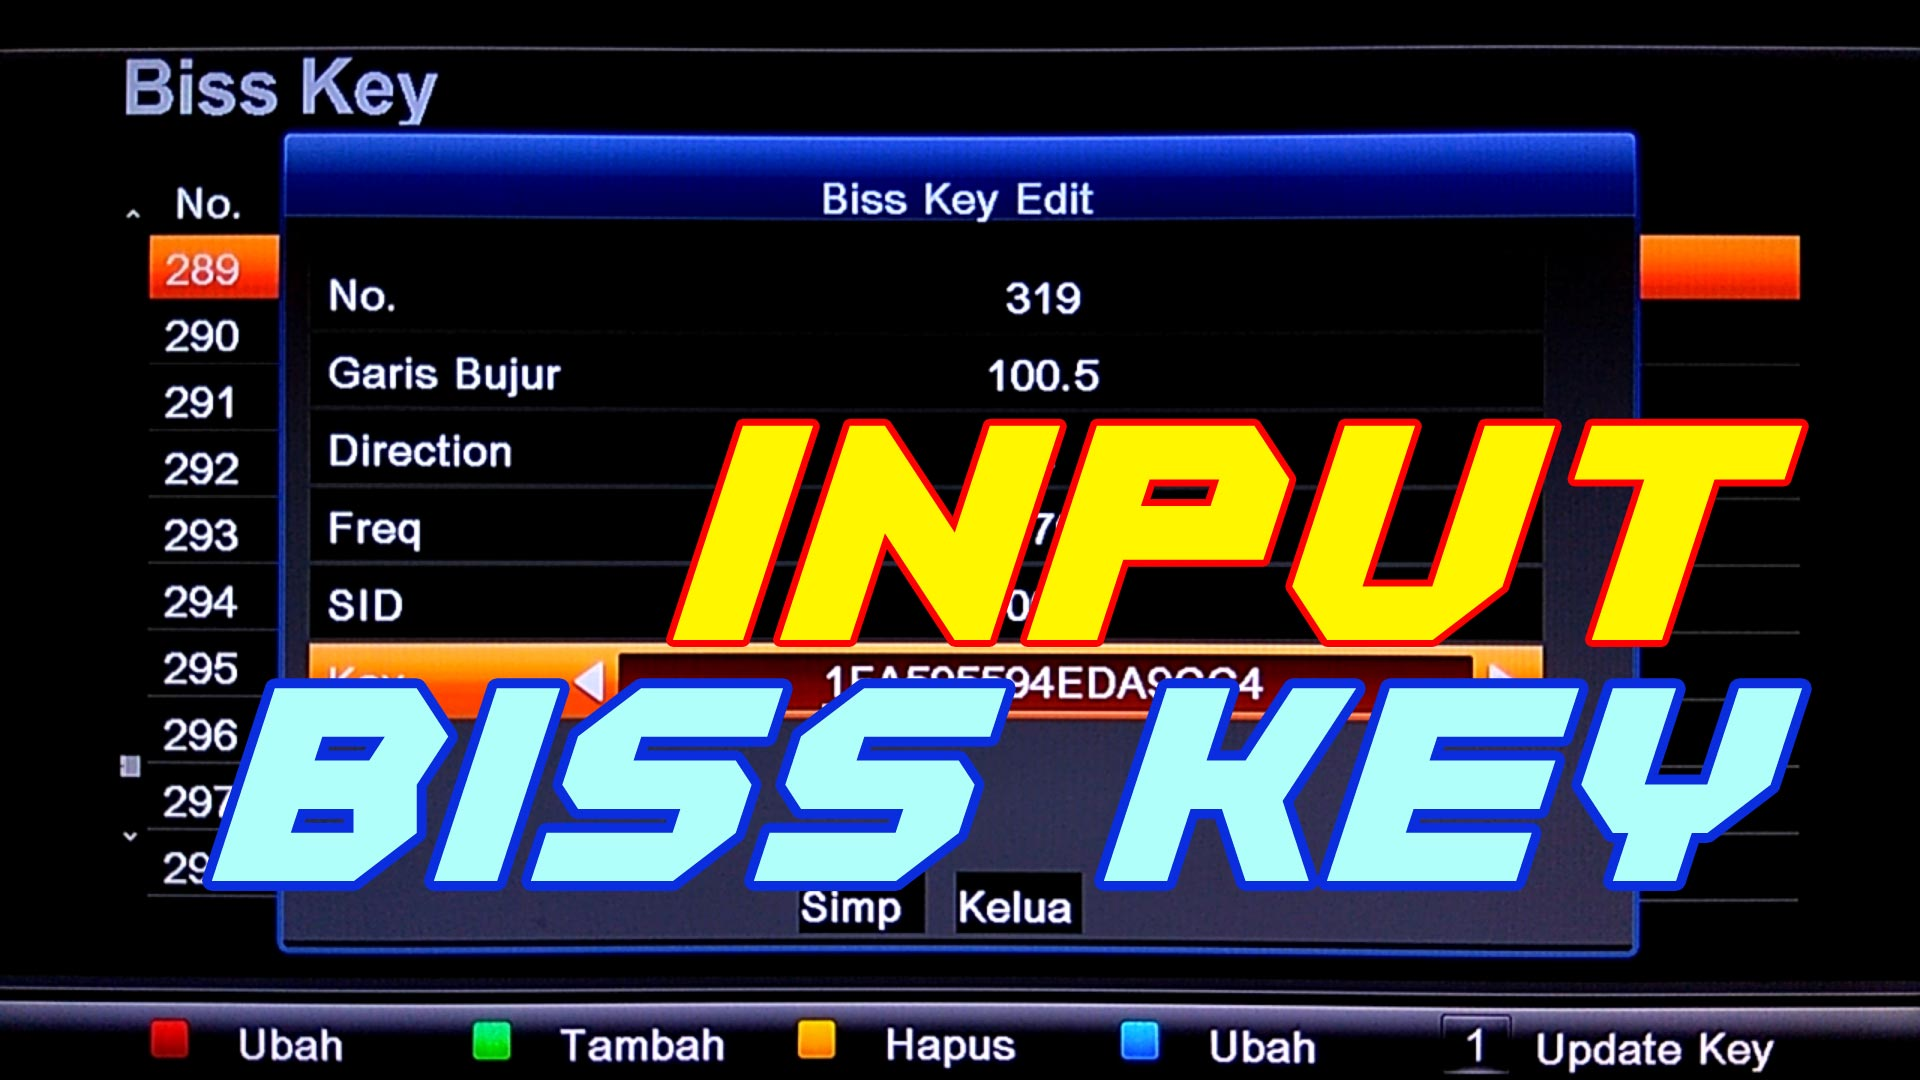 Cara memasukan kode biss key di receiver lgsat 101 stars